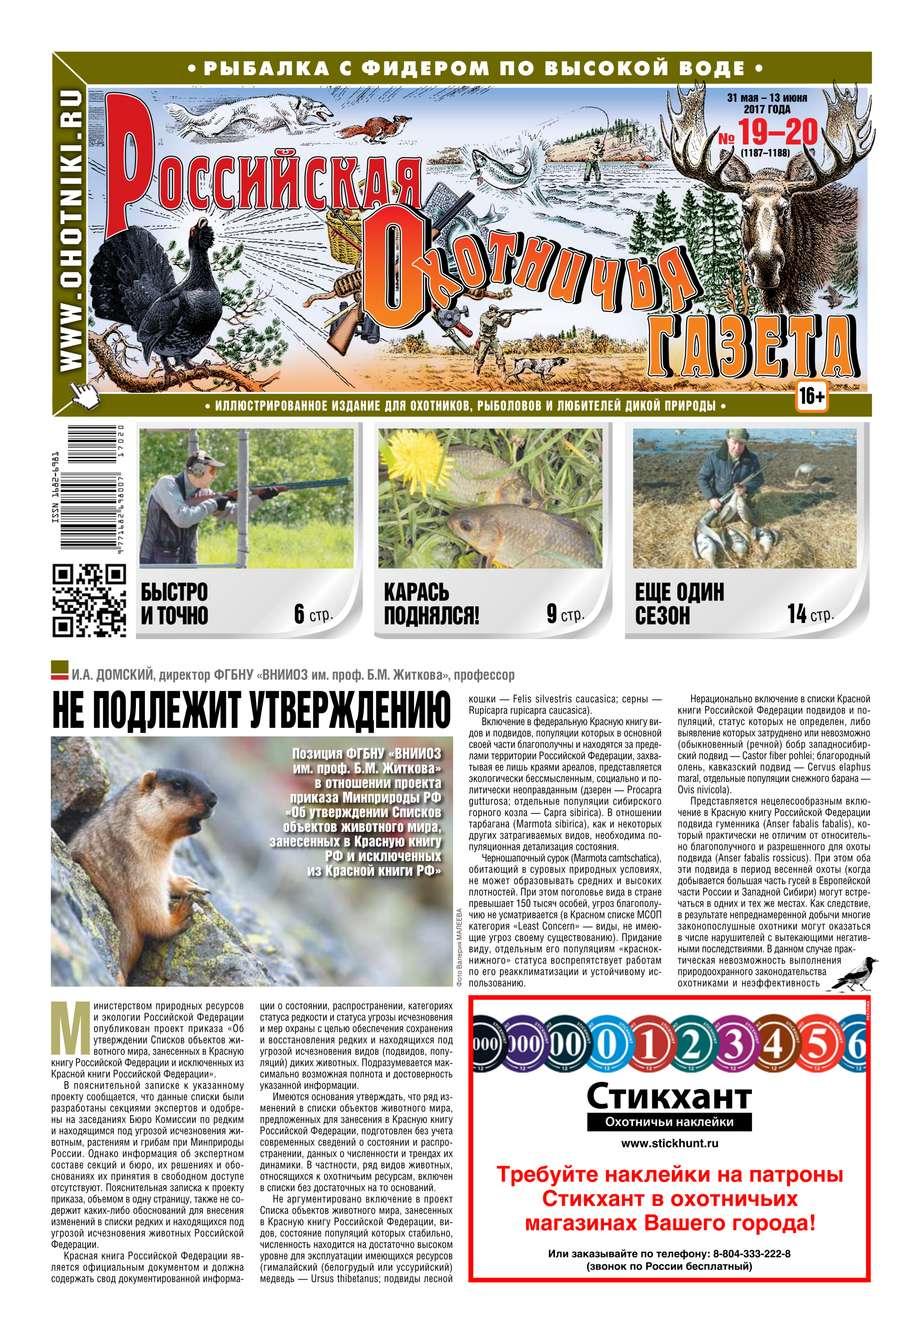 Редакция газеты Российская Охотничья Газета Российская Охотничья Газета 19-20-2017